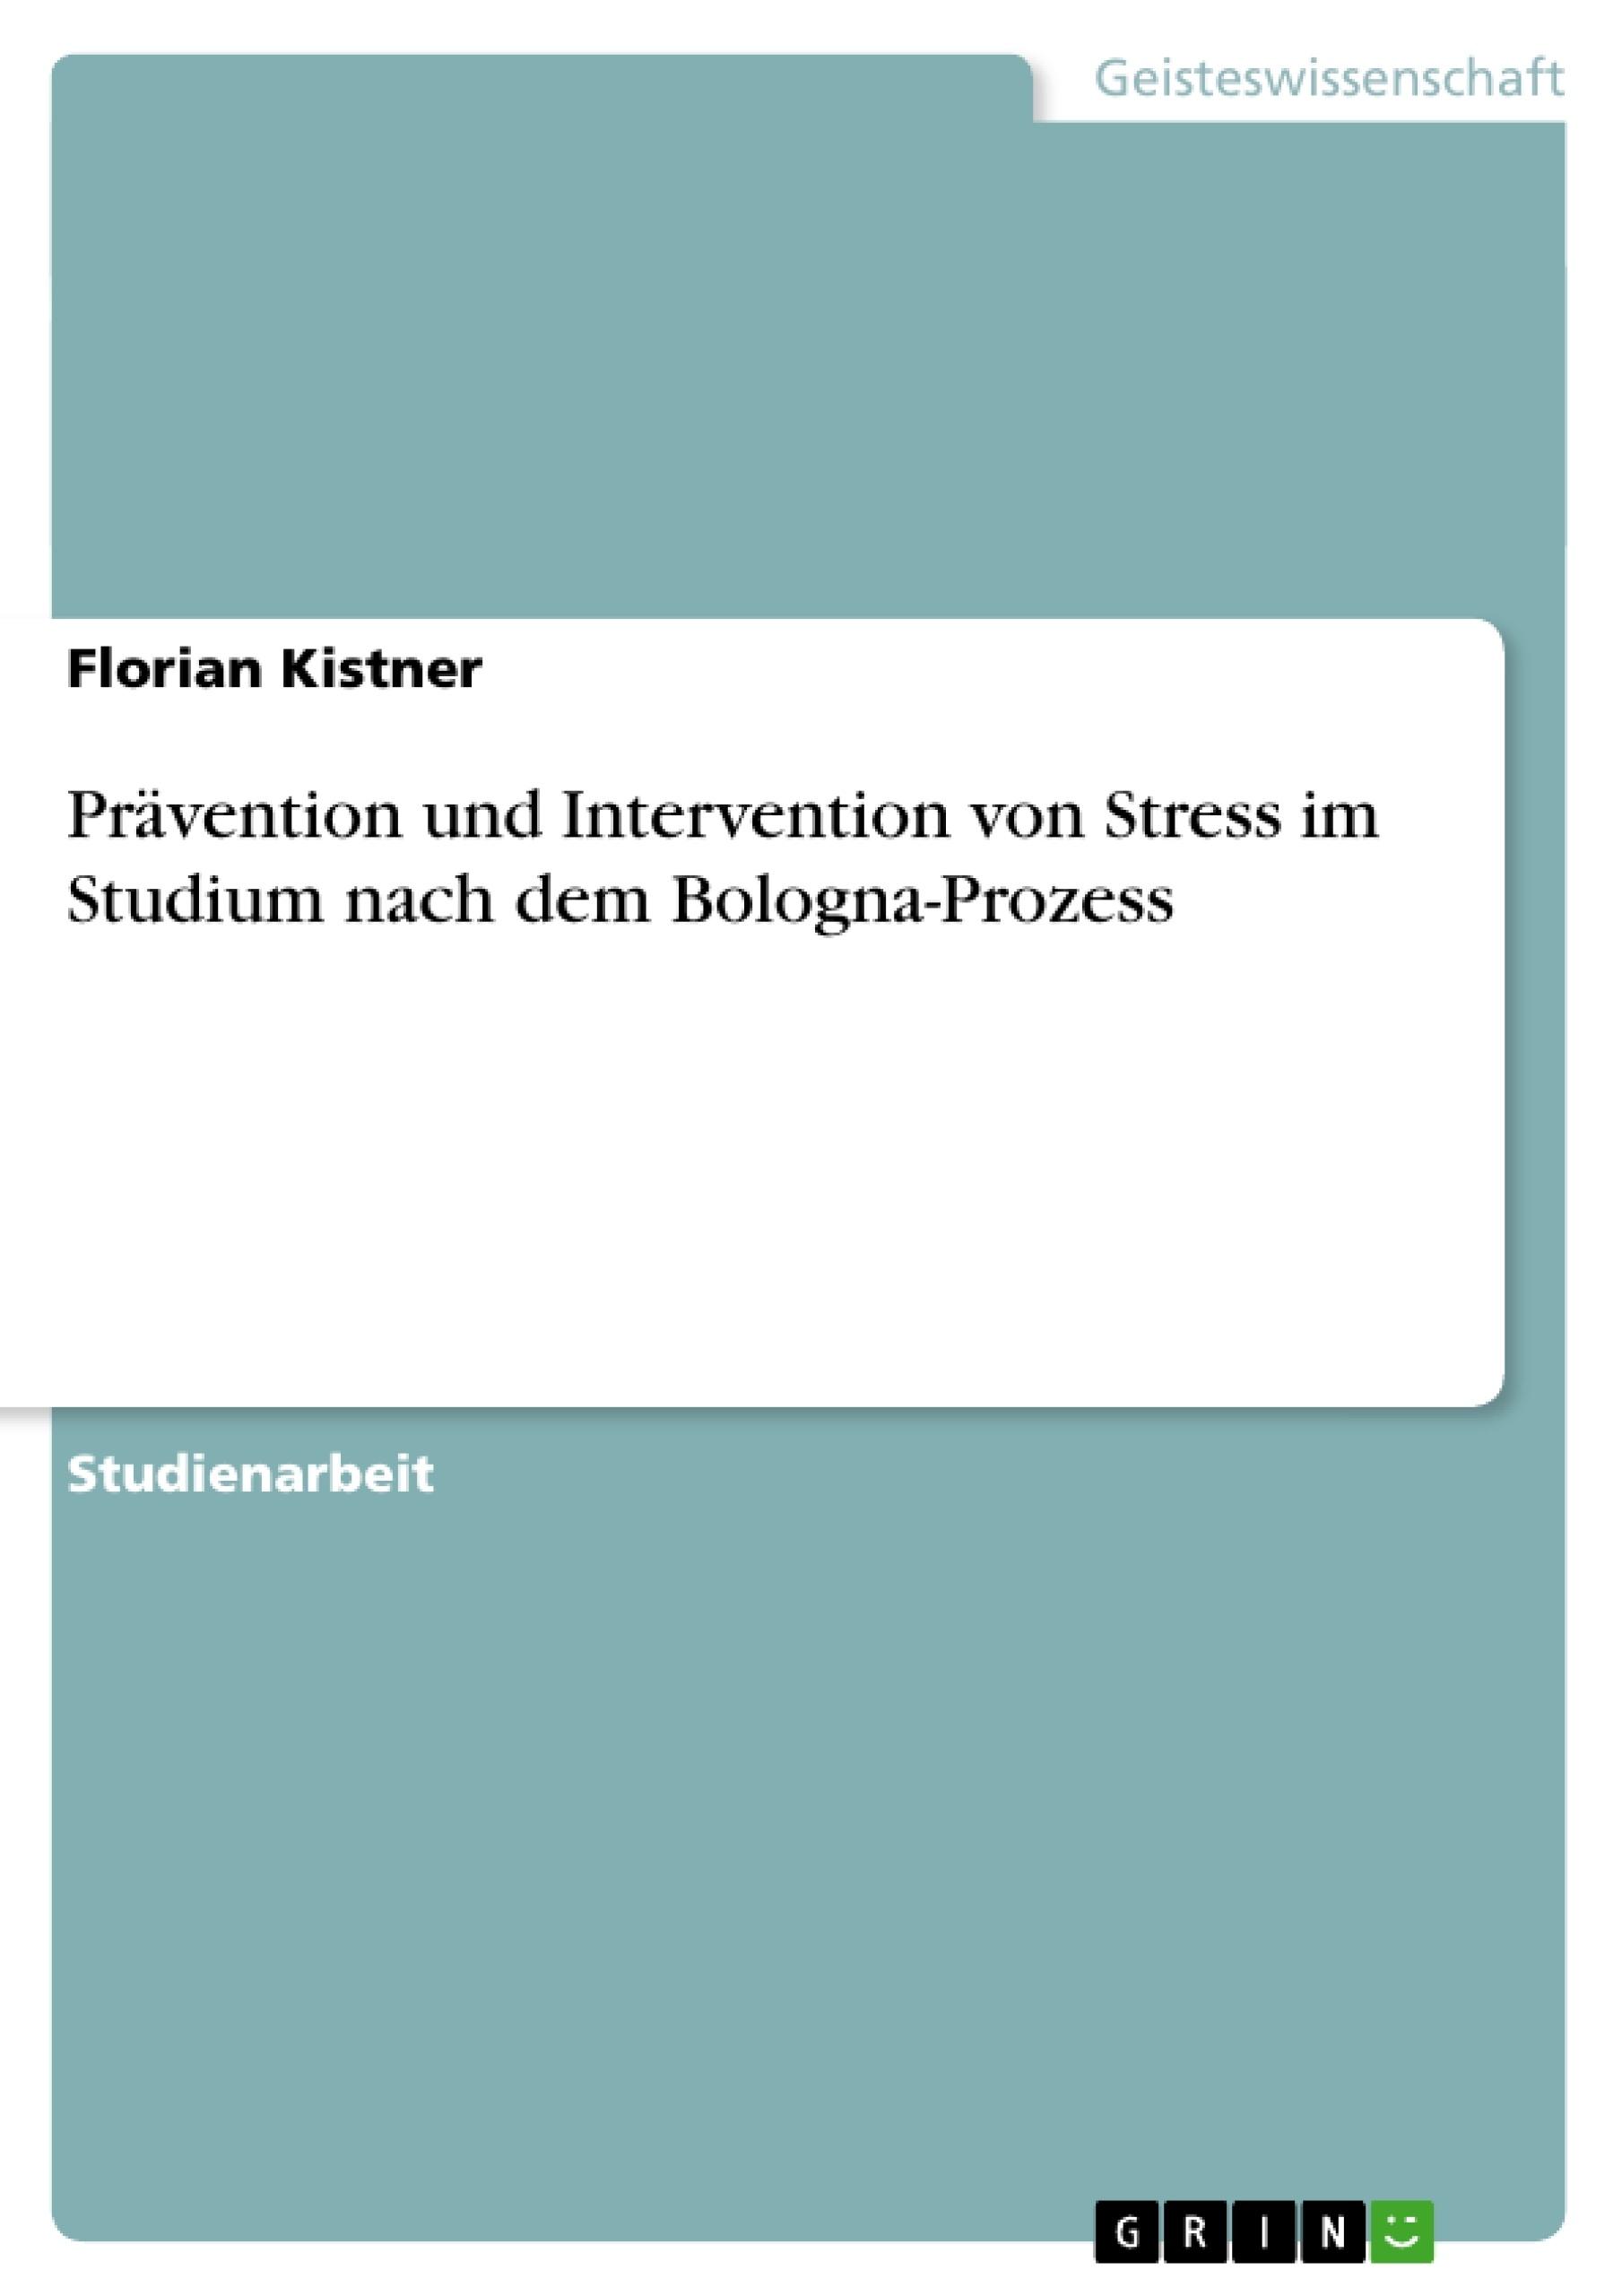 Titel: Prävention und Intervention von Stress im Studium nach dem Bologna-Prozess